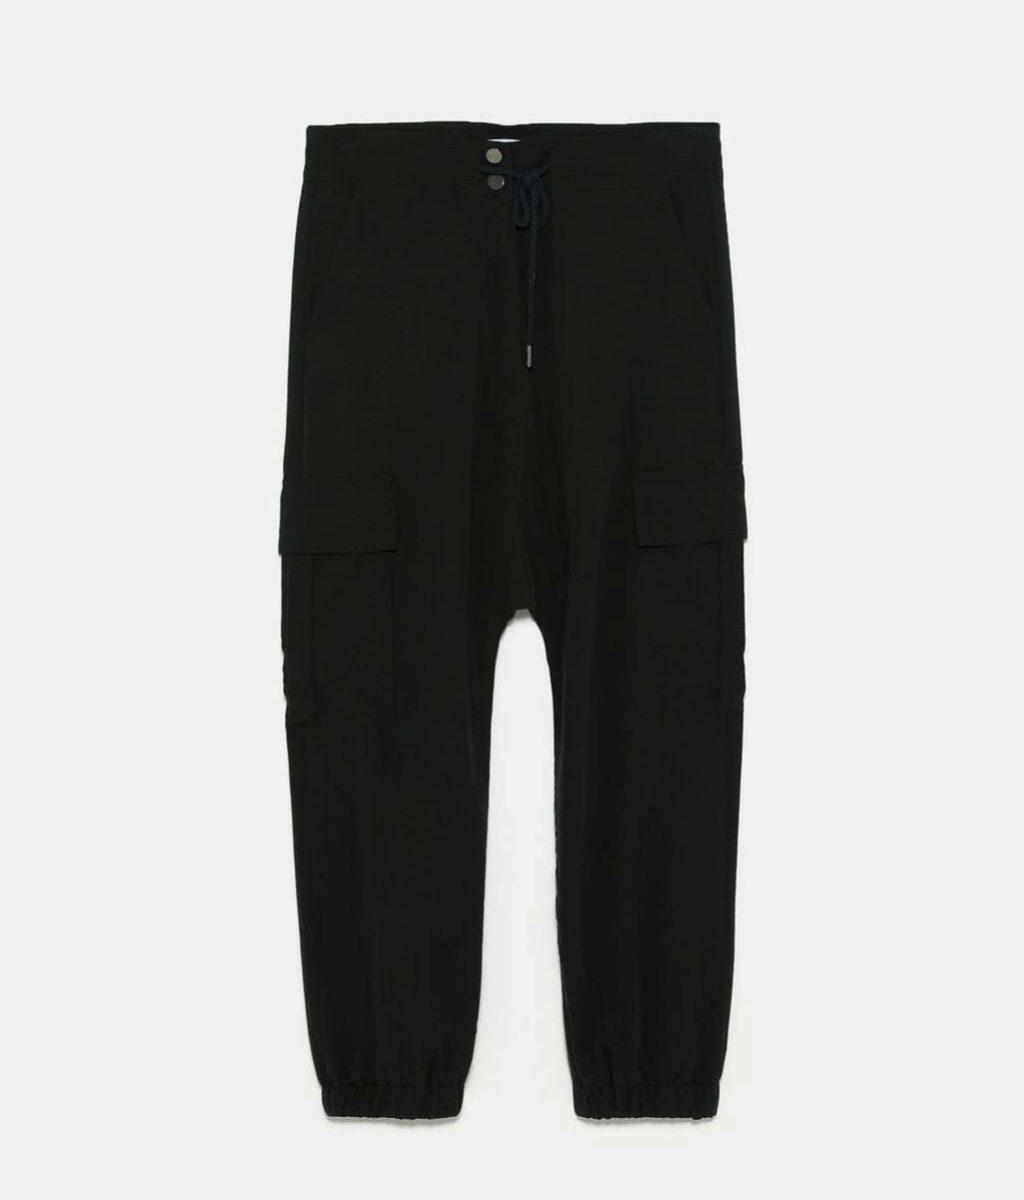 Pantalón cargo negro